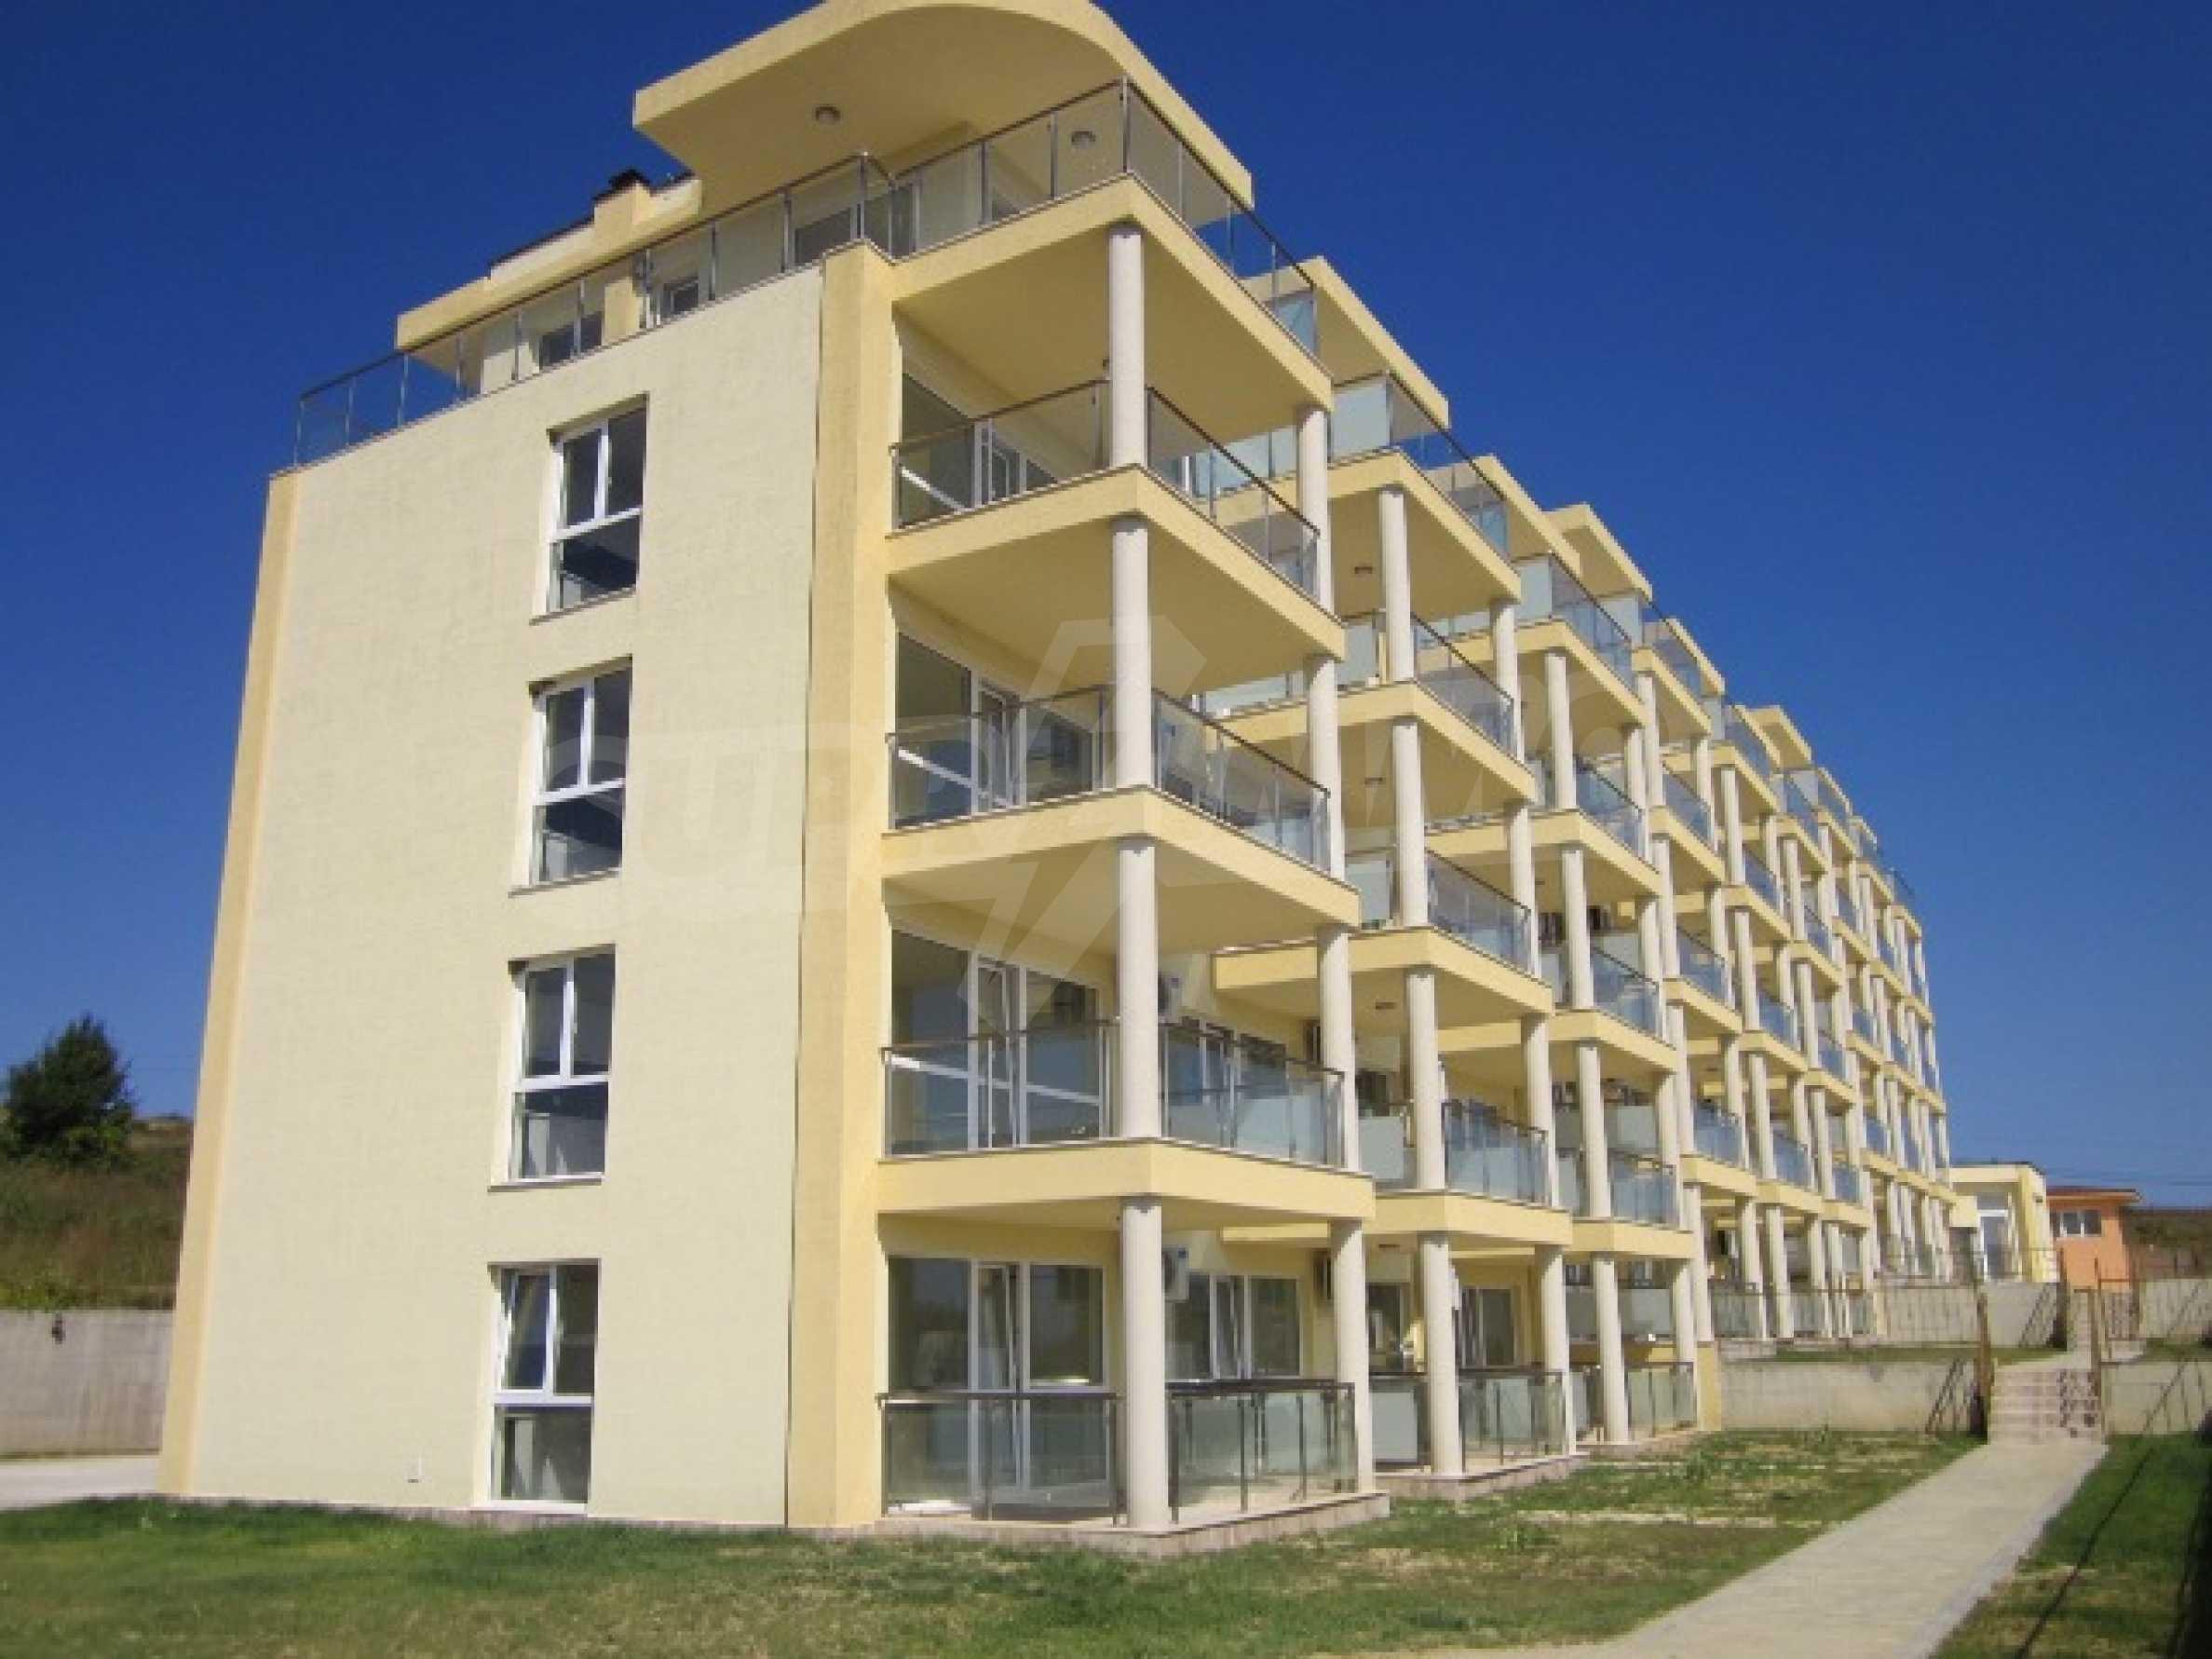 Апартаменти с морска панорама